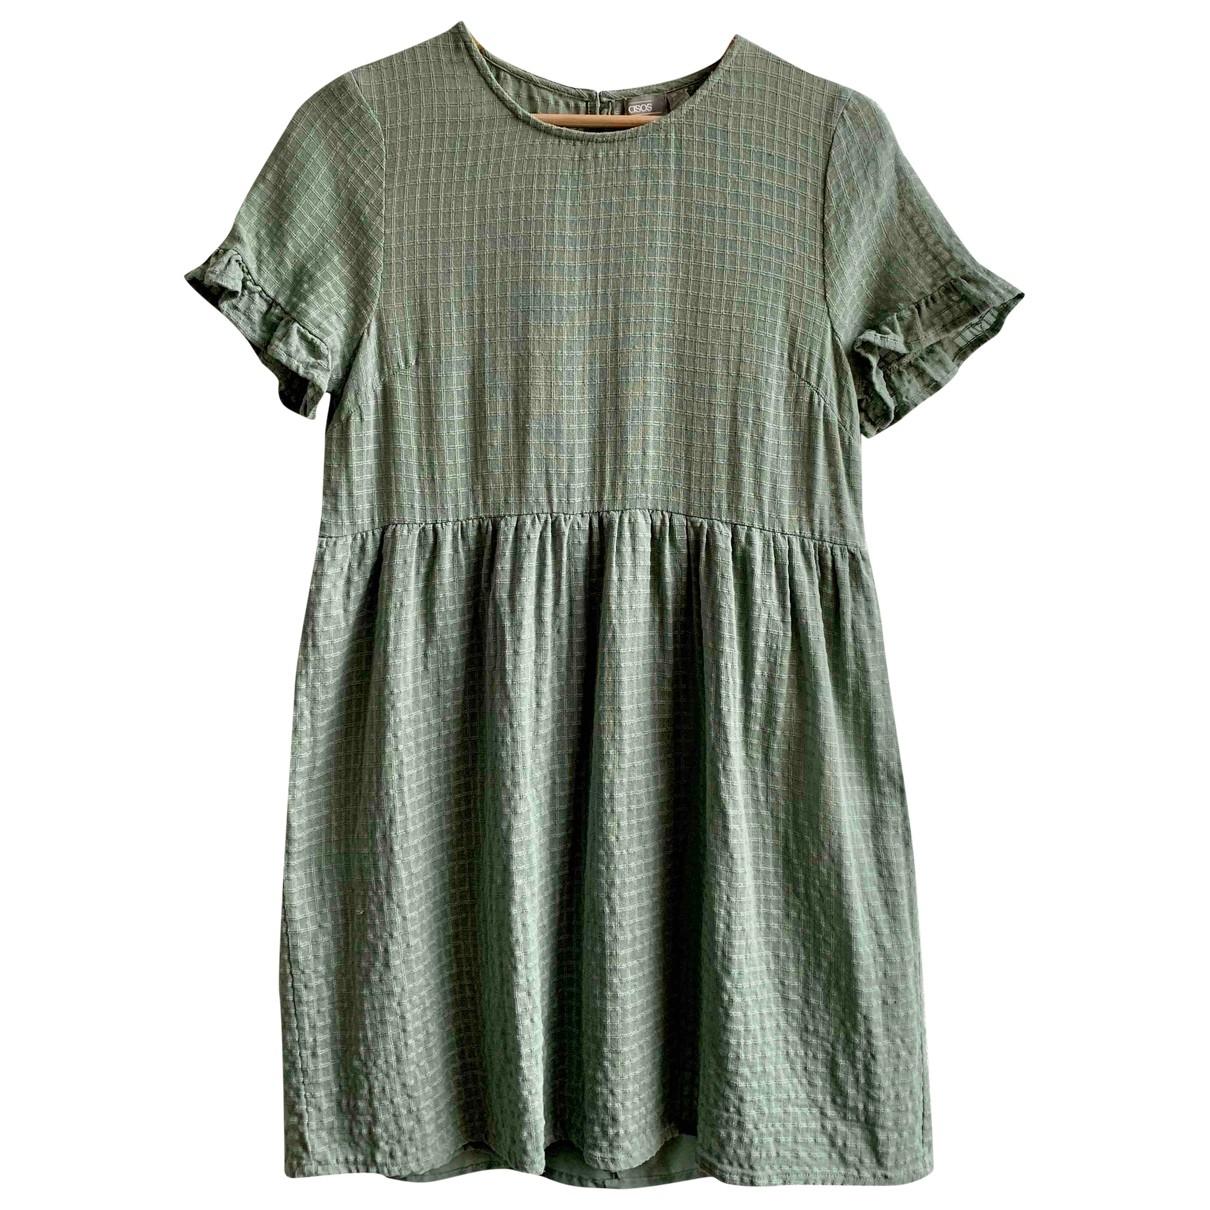 Asos \N Kleid in  Gruen Polyester